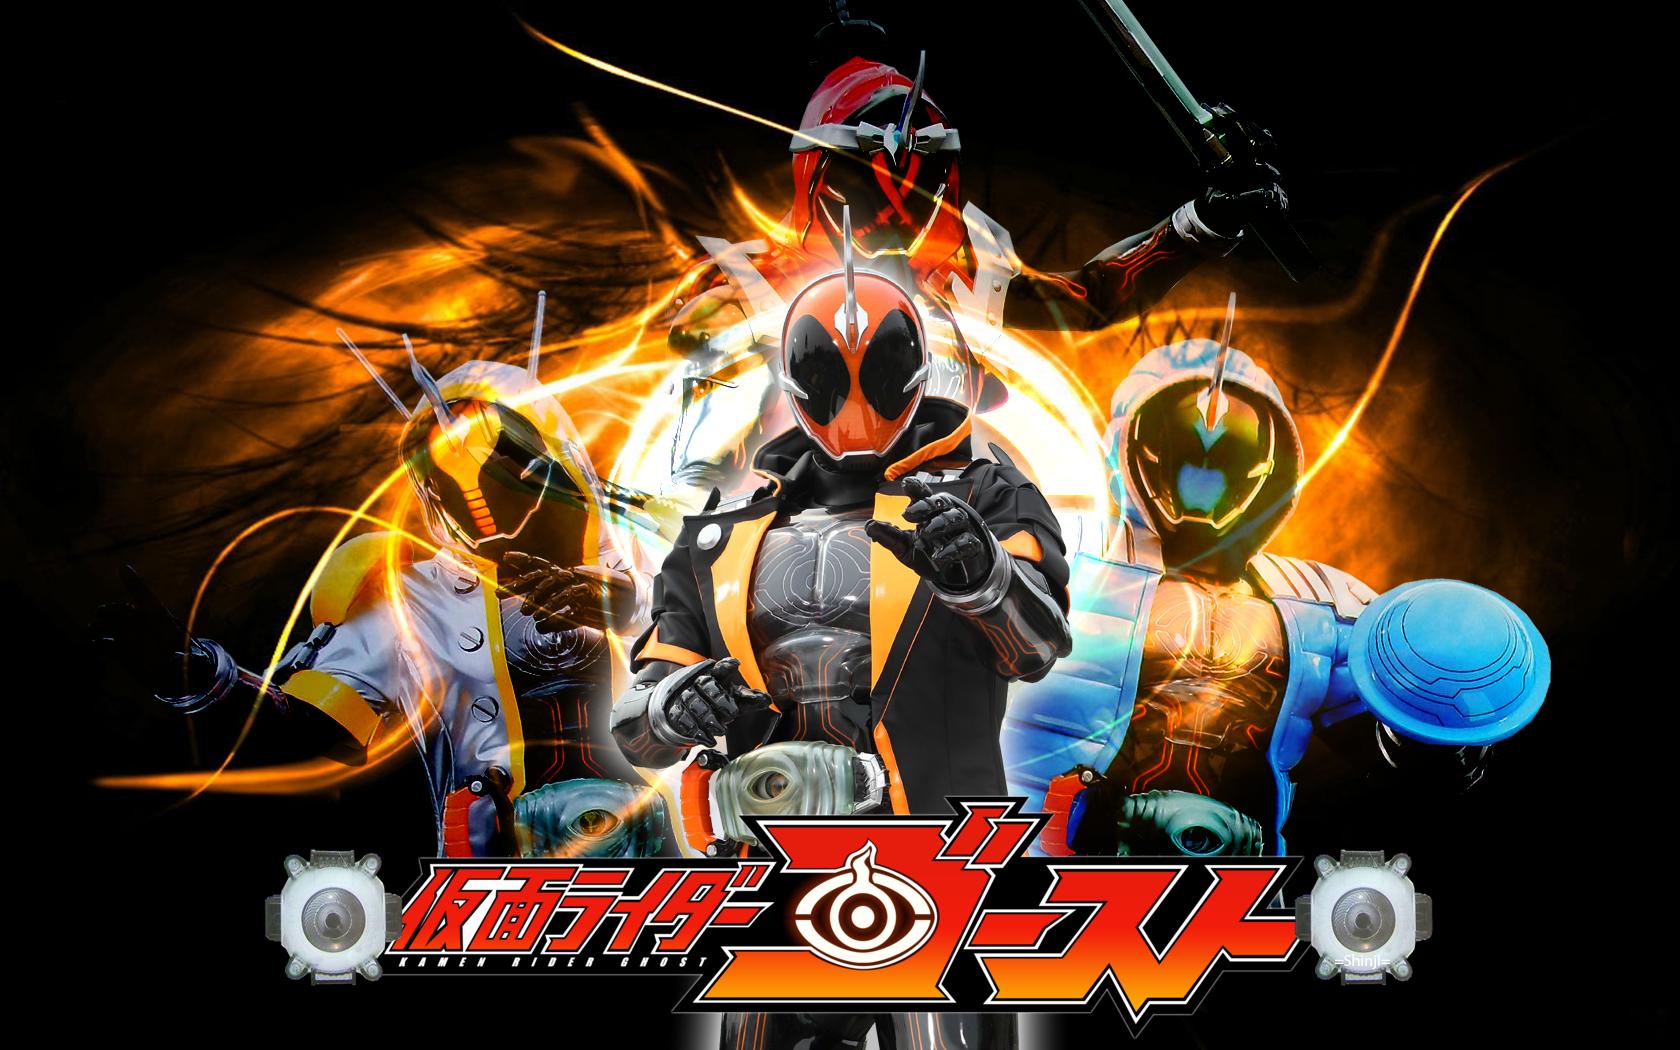 Kamen Rider Ghost Wallpaper By Malecoc Kamen Rider Ghost Wallpaper By Malecoc